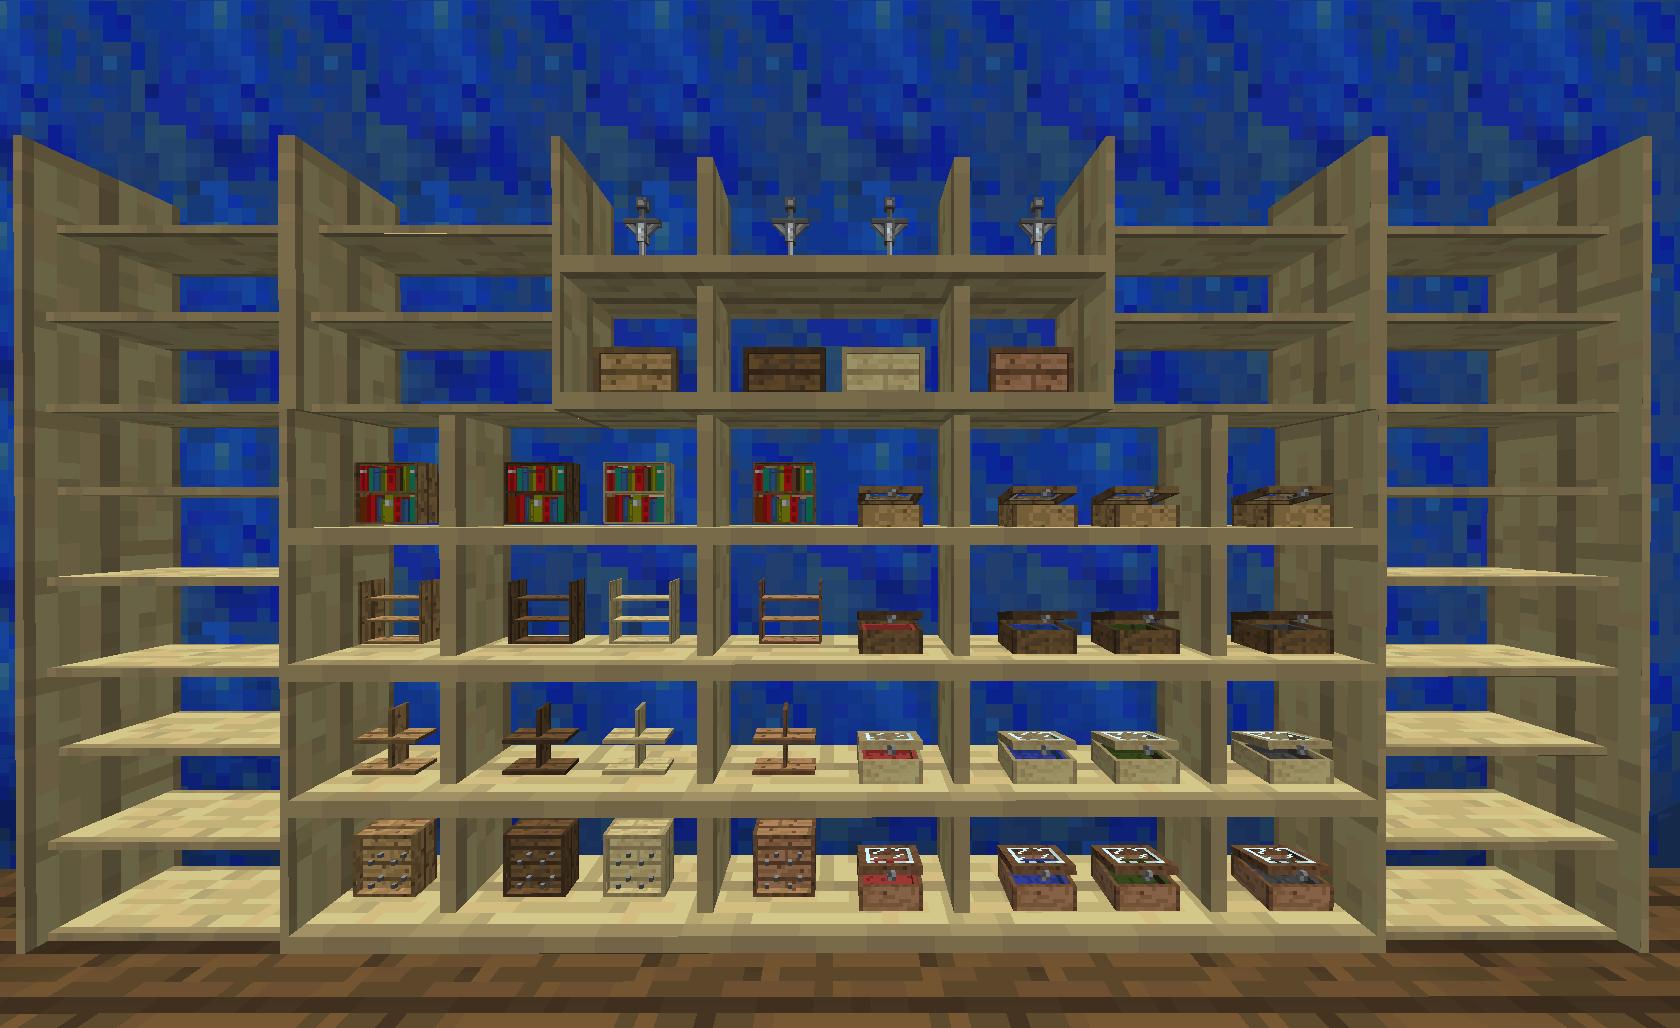 Bibliocraft - Shelf